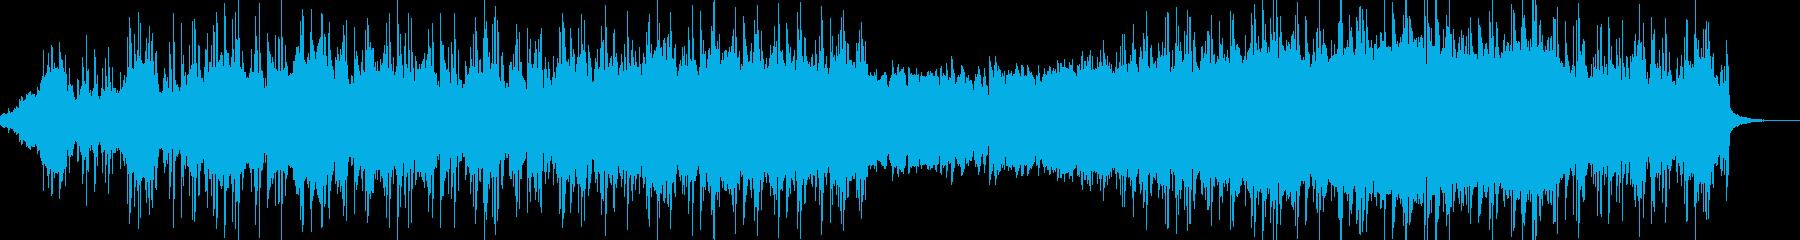 アンビエント・ジャパンの再生済みの波形